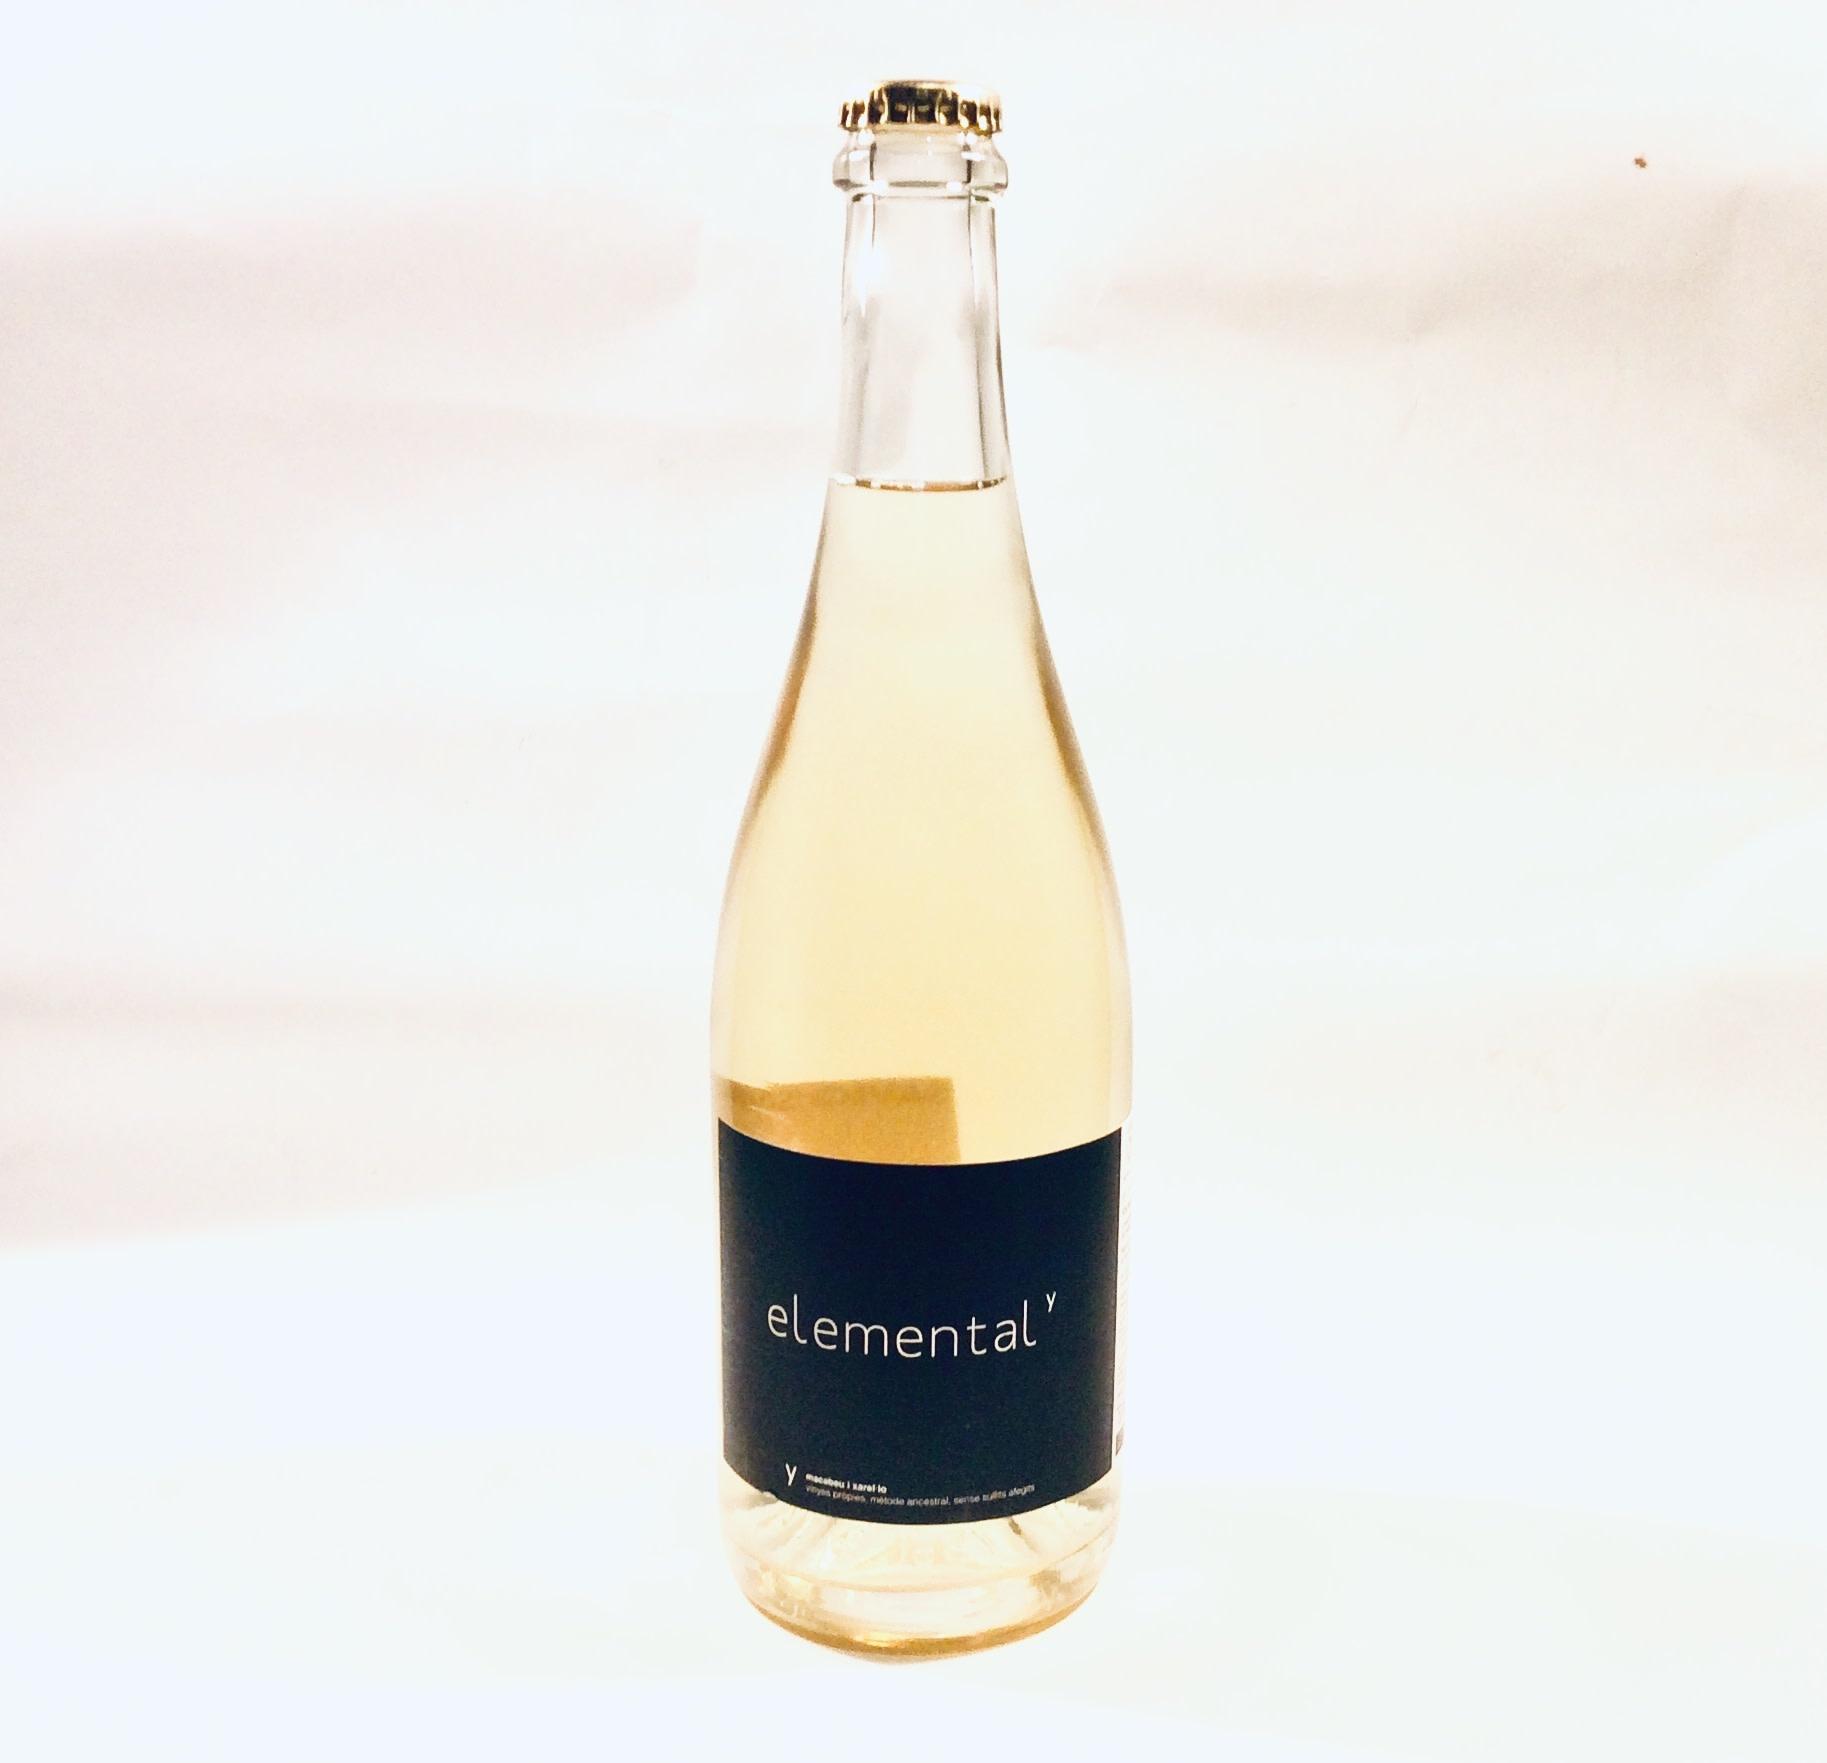 """Vinyes Singulars - Espumante Ancestral """"Elemental"""" 2018 (750 ml)"""